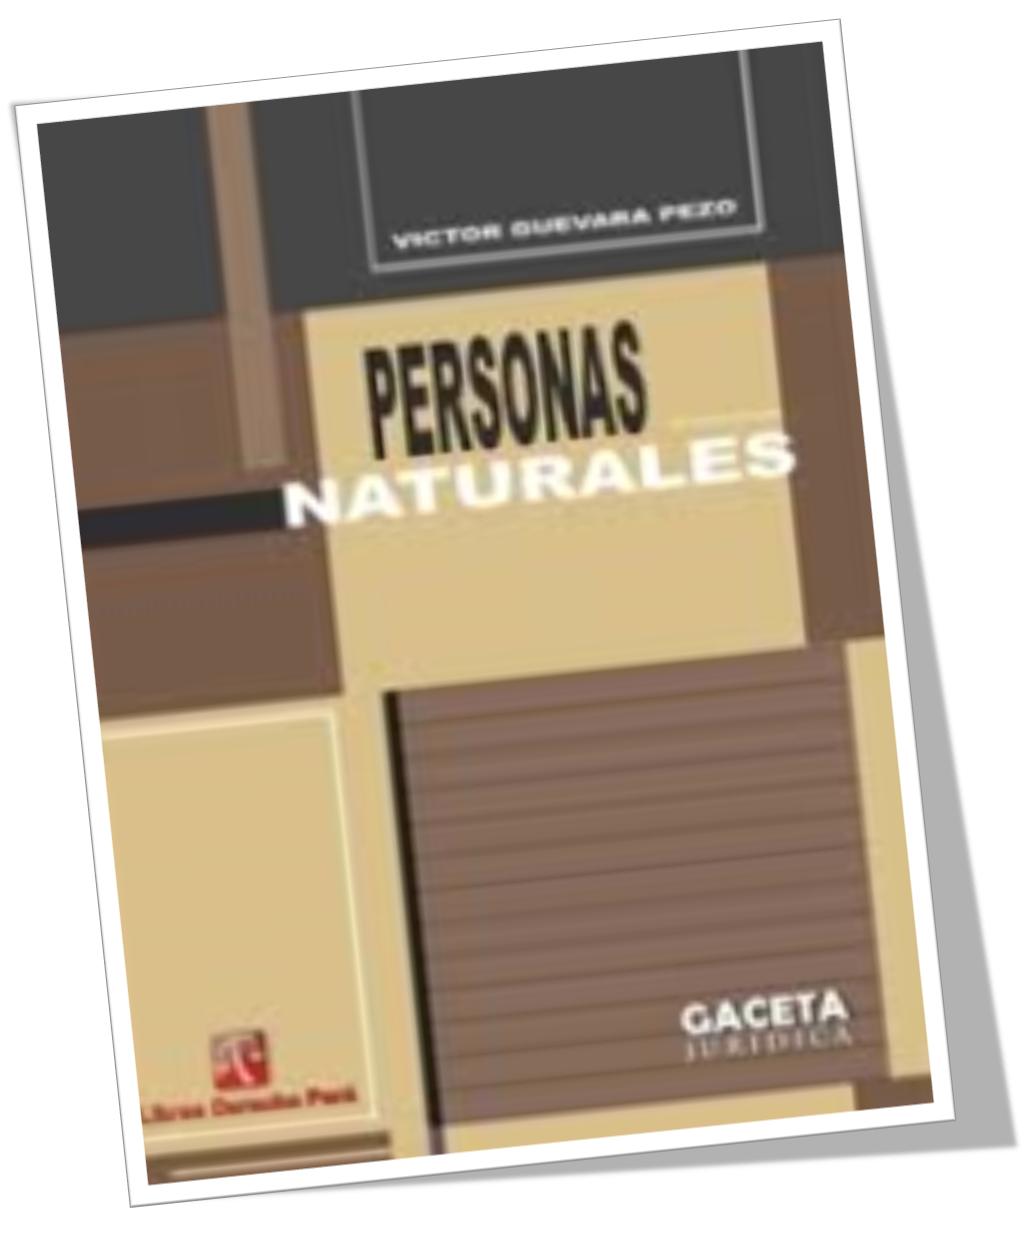 PERSONAS NATURALES – VICTOR GUEVARA PEZO – Descargar Libro Gratis